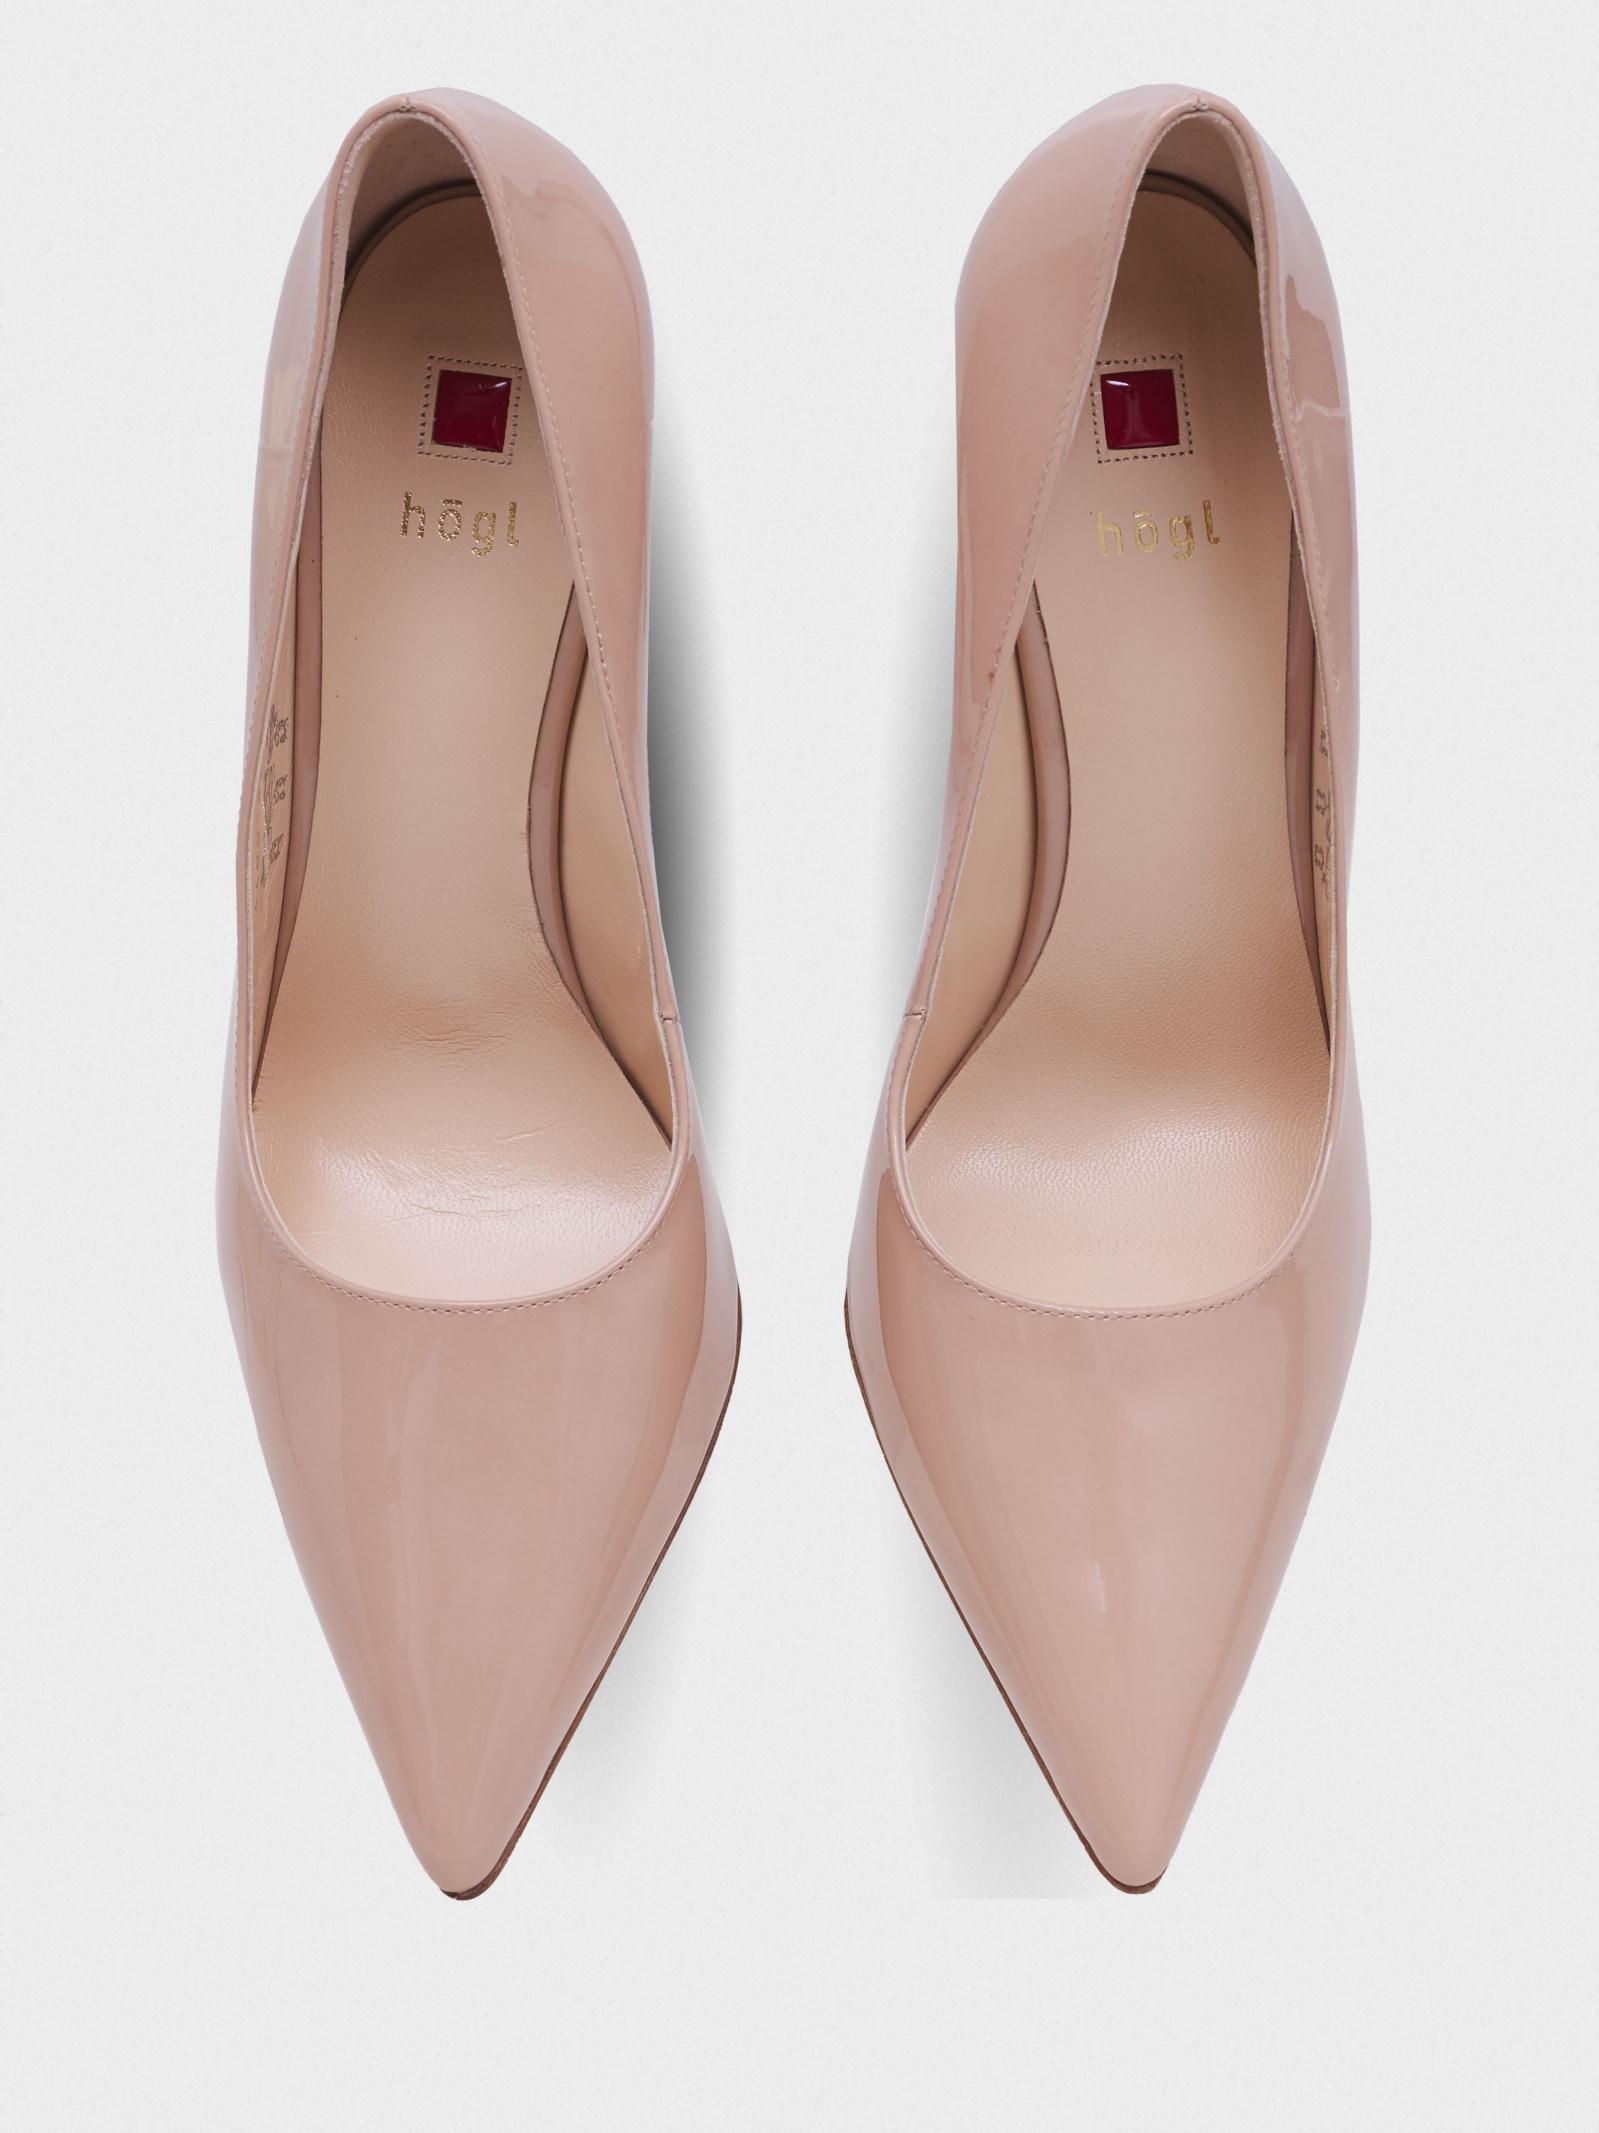 Туфли женские Hogl BOULEVARD 60 YN4033 брендовая обувь, 2017